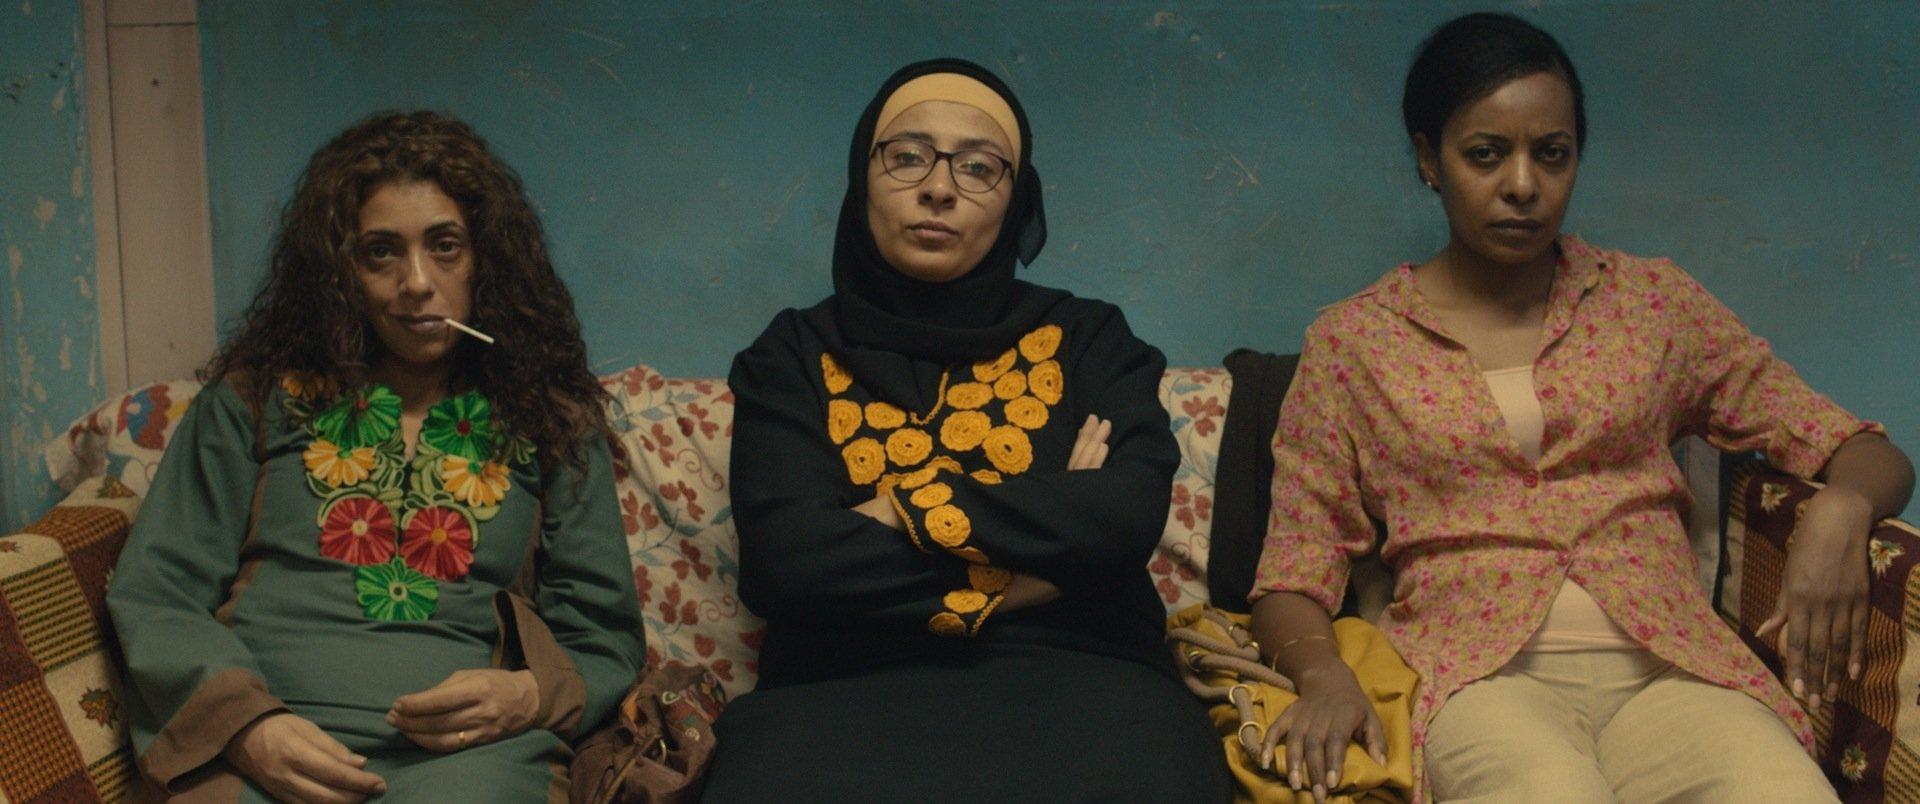 Dégradé, réalisé par Arab Nasser et Tarzan Nasser, 2016 © SDP/LE PACTE